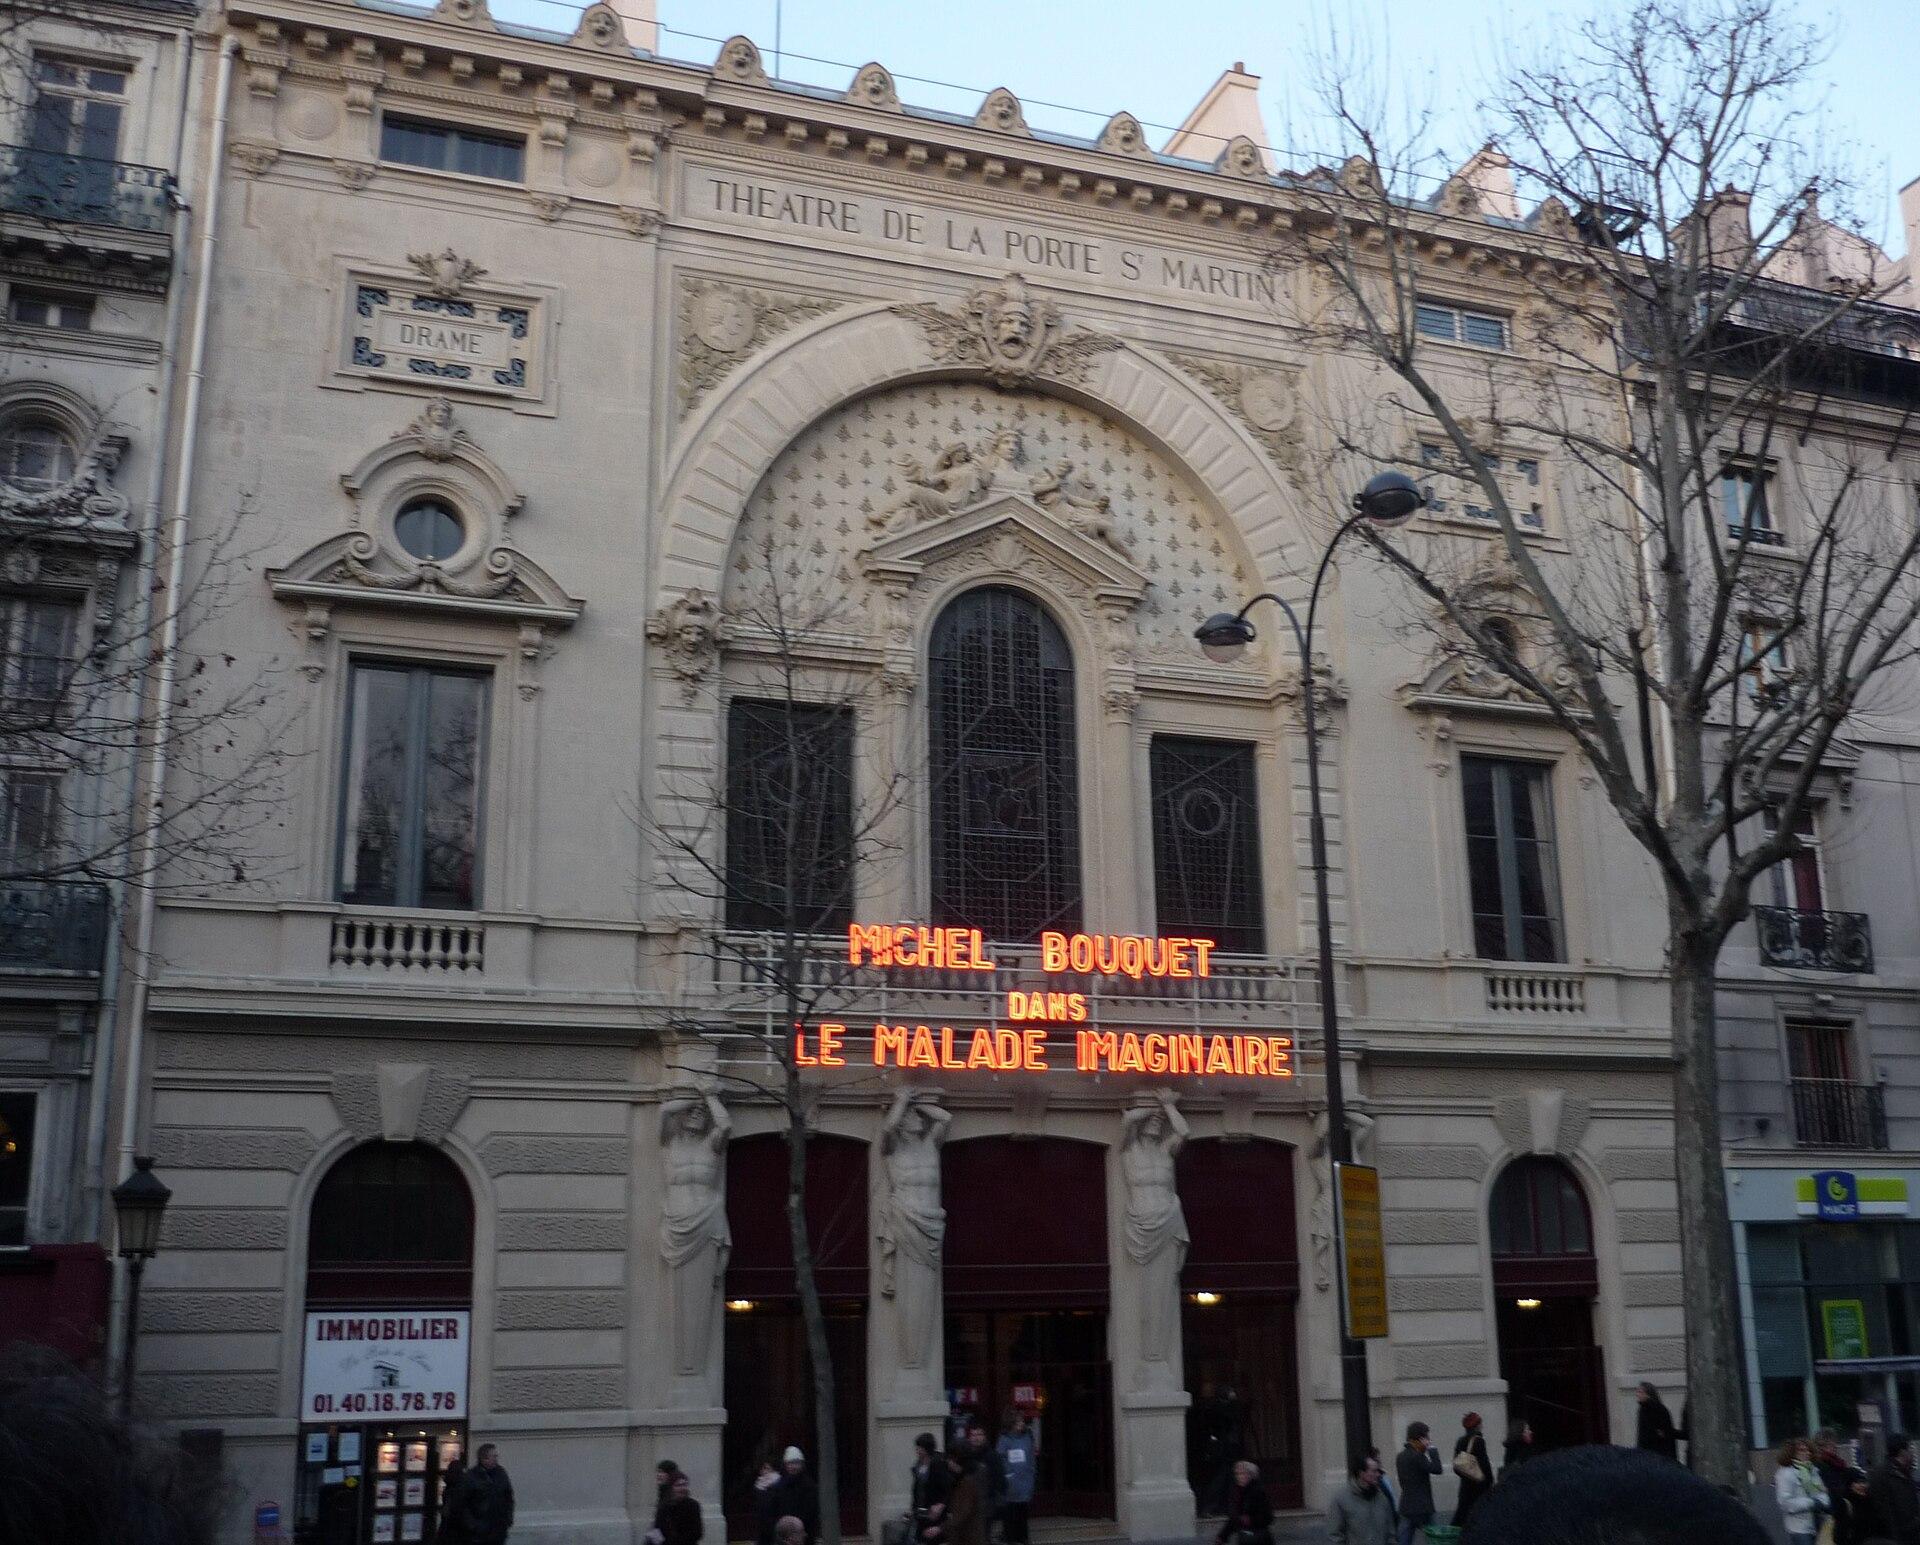 Th tre de la porte saint martin wikipedia - Plan salle theatre porte saint martin ...